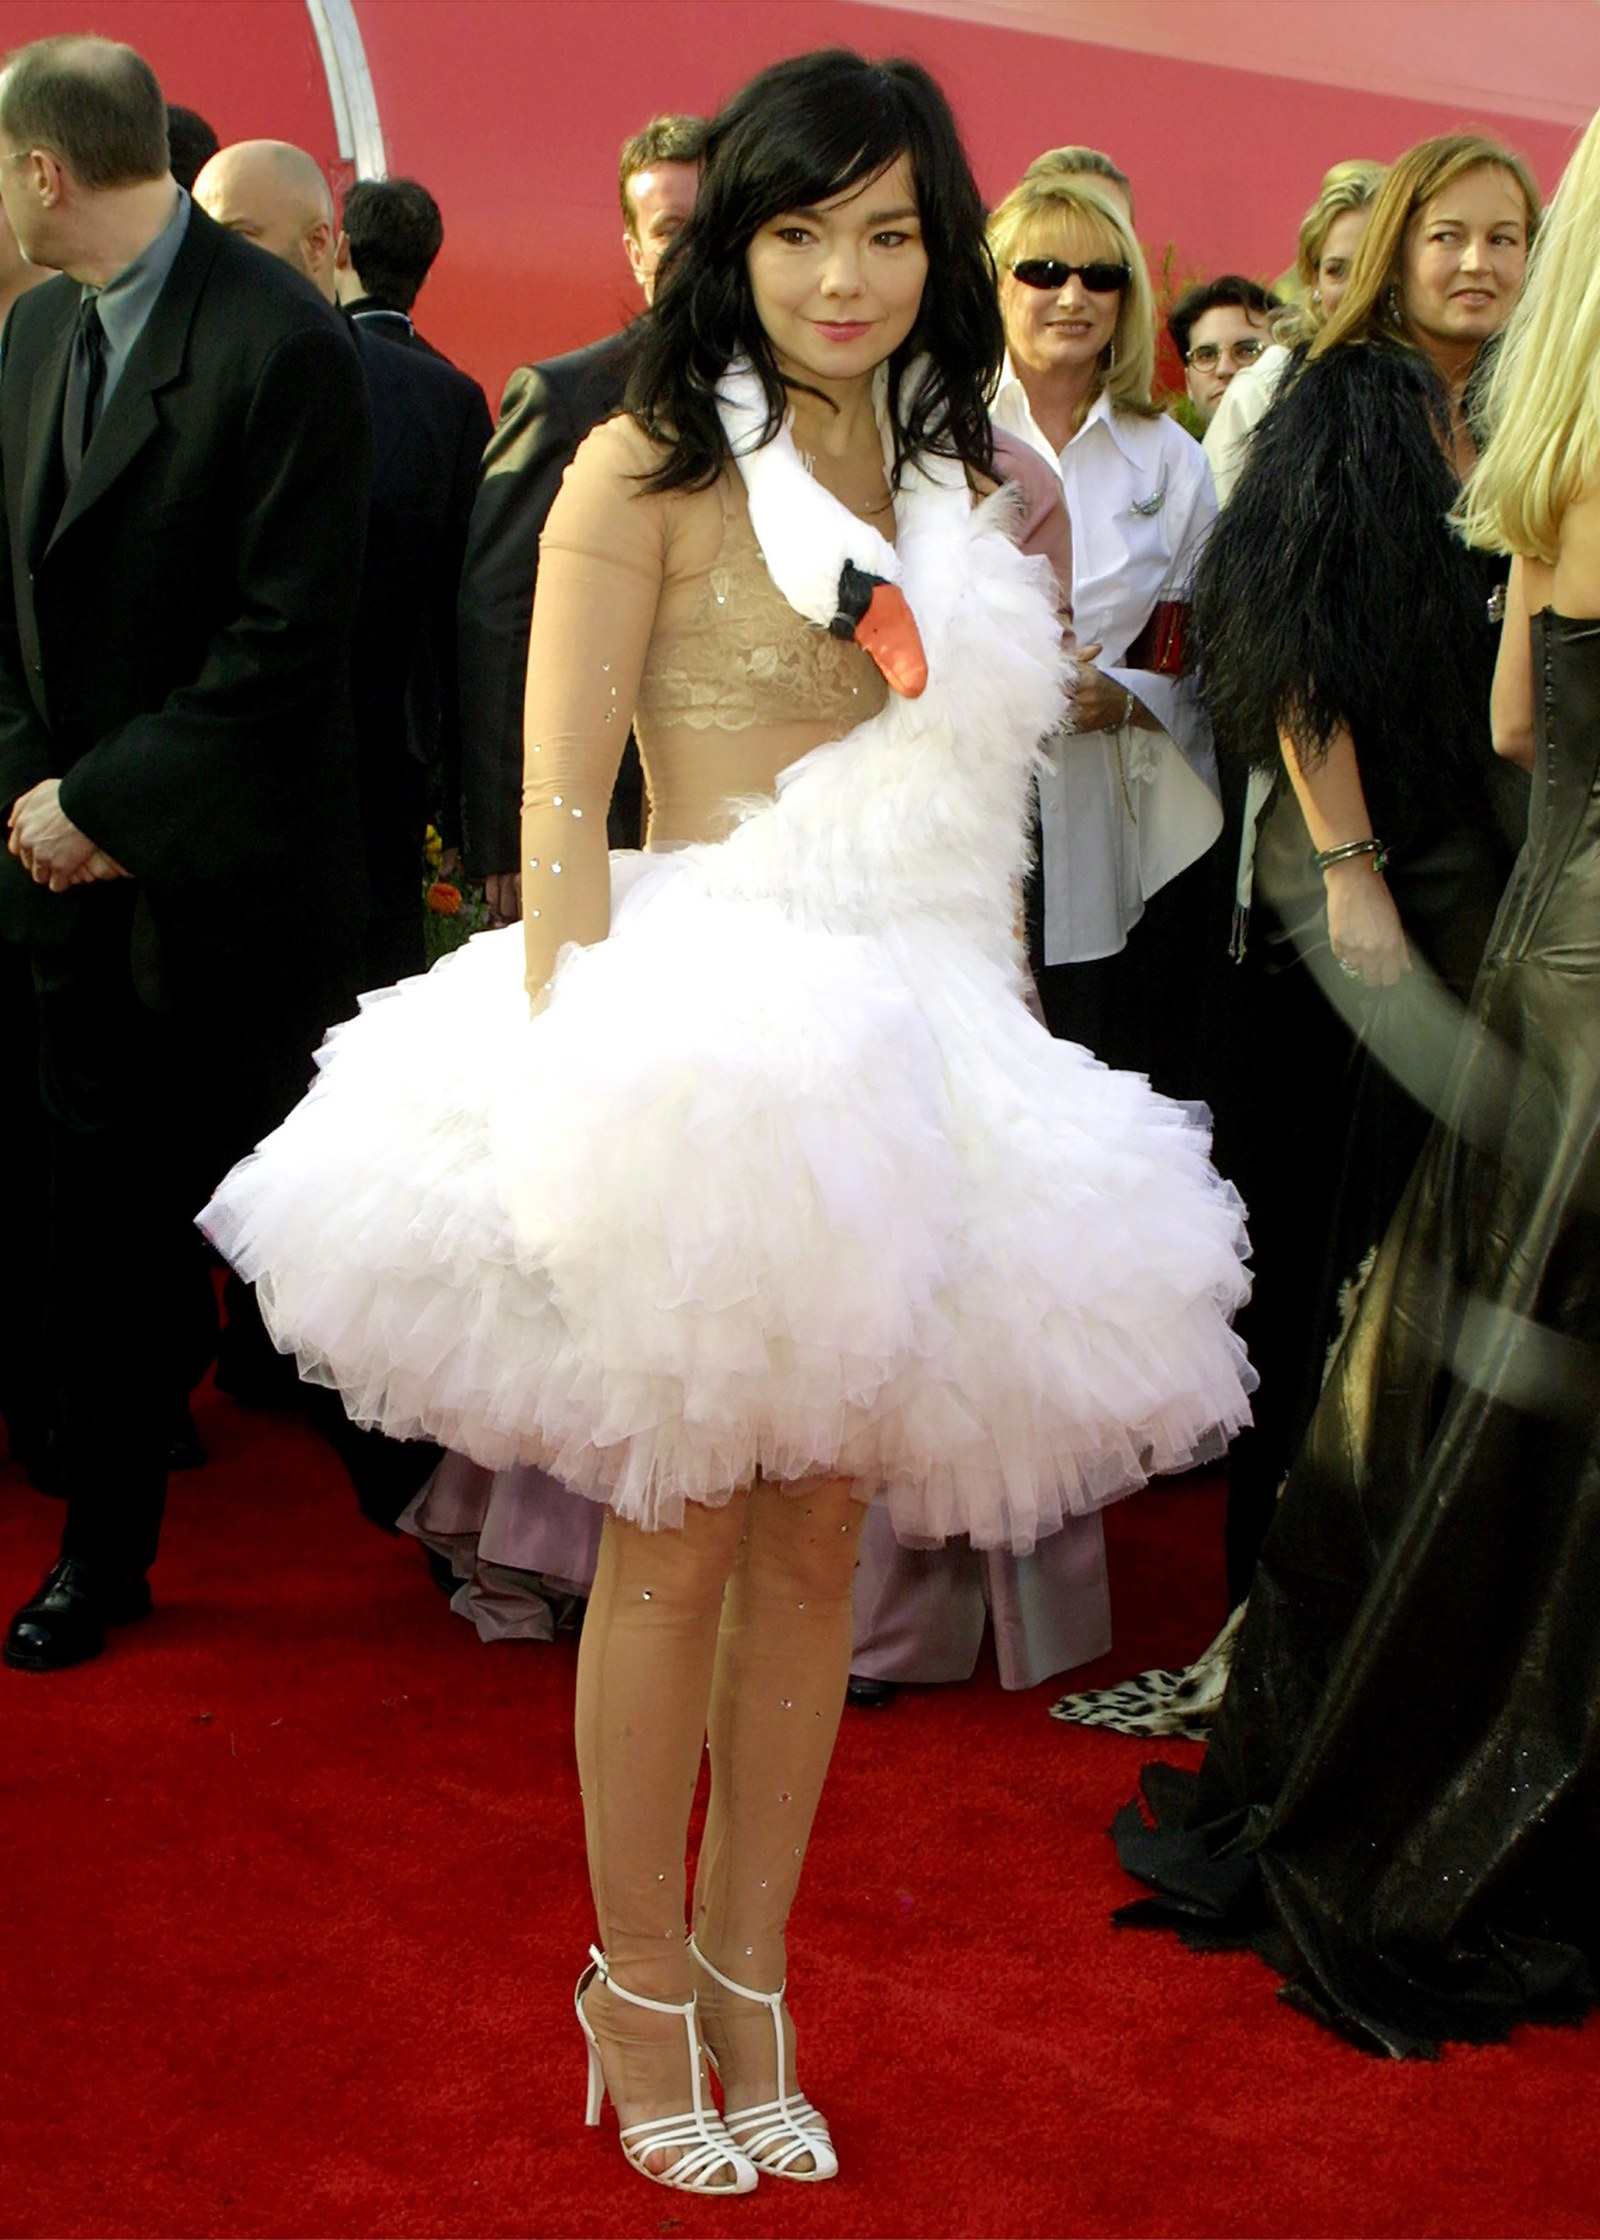 Bjork, 2001 Đó là chiếc váy làm rung chuyển toàn cầu: Ca sĩ Bjork người Iceland đã thúc đẩy một trong những khoảnh khắc văn hóa đại chúng lớn nhất mọi thời đại khi cô mặc chiếc váy thiên nga của Marjan Pejoski tới Oscar 2001. Váy đầy đủ của Frock và cổ thiên nga dài, quấn quanh Bjork, giống như một chiếc khăn, đã được bảo quản trong các bảo tàng trên toàn cầu. Cái nhìn gây tranh cãi thậm chí đi kèm với một chiếc ví hình quả trứng để phù hợp. Nữ ca sĩ mang theo sáu quả trứng đà điểu bên mình và rải chúng trên thảm đỏ. Những người khác, những người vệ sĩ của họ tiếp tục nhặt chúng lên và nói bằng giọng Mỹ dày đặc của họ, 'Scuse me, ma Hóaam, bạn đã đánh rơi nó